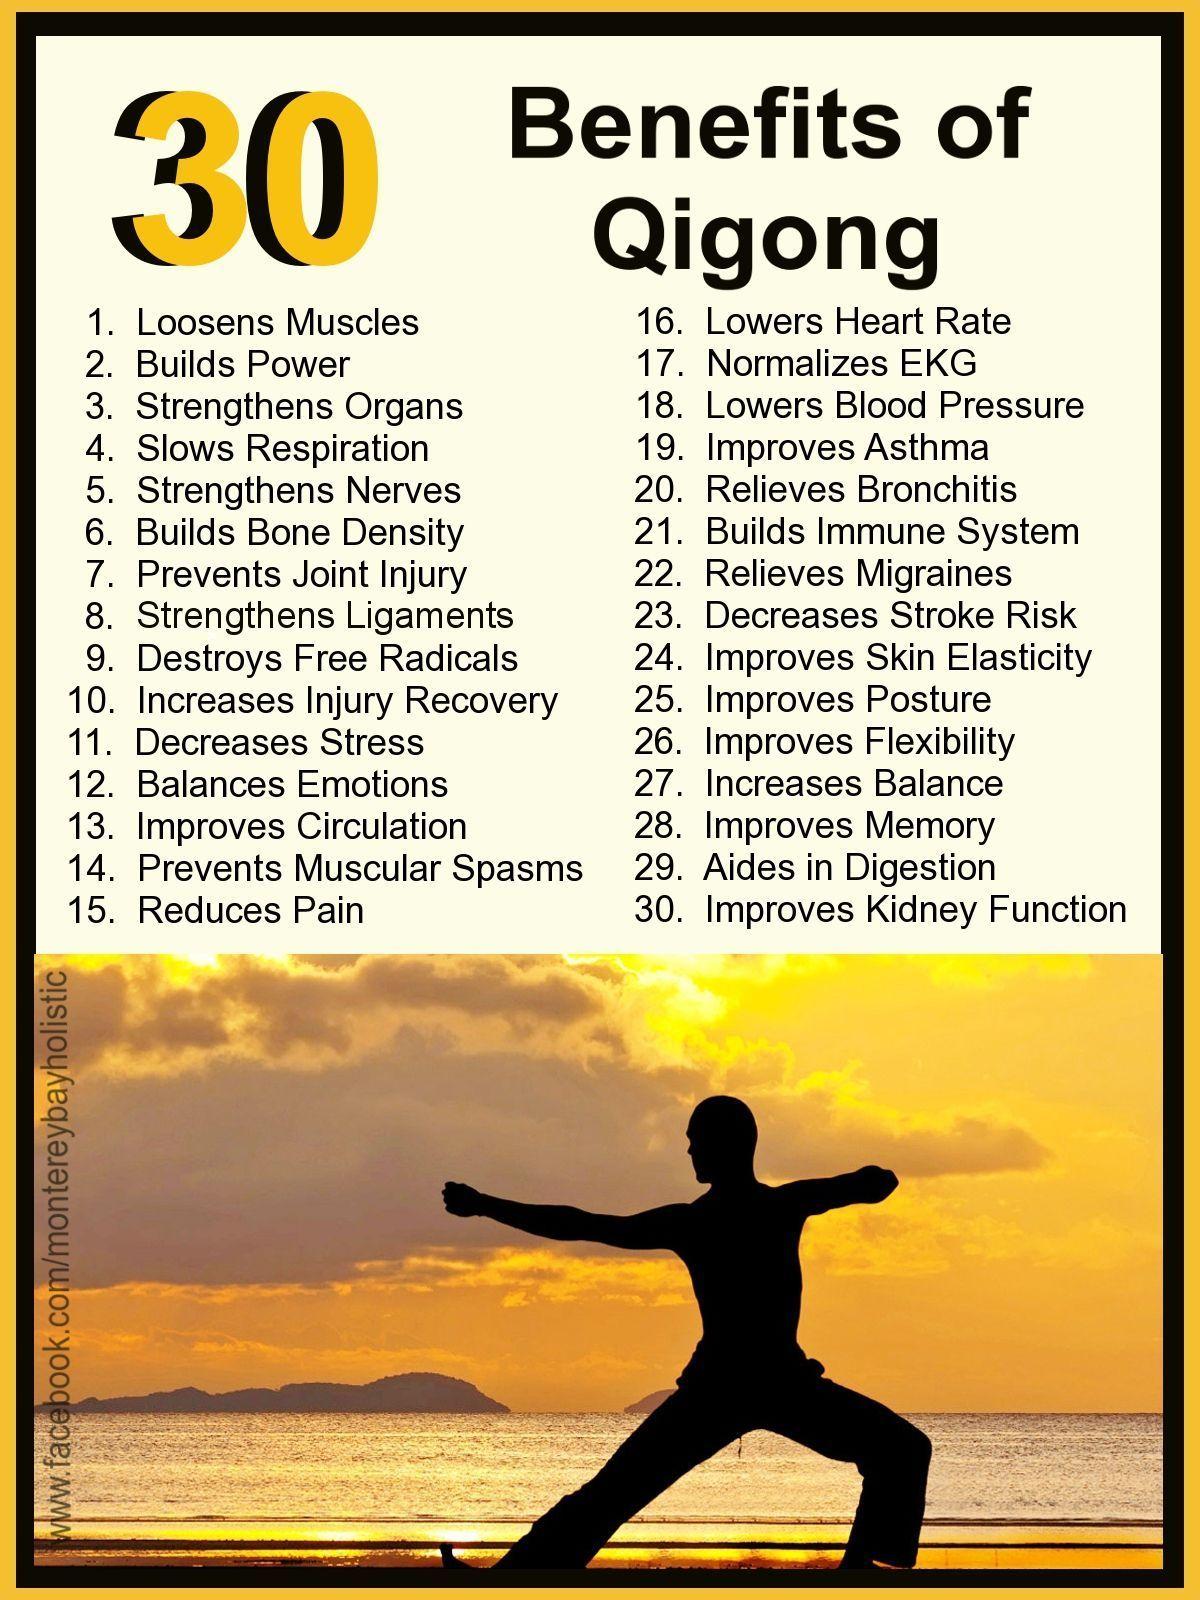 30 Benefits of Qigong and Tai Chi | Tai Chi and Qi Gong